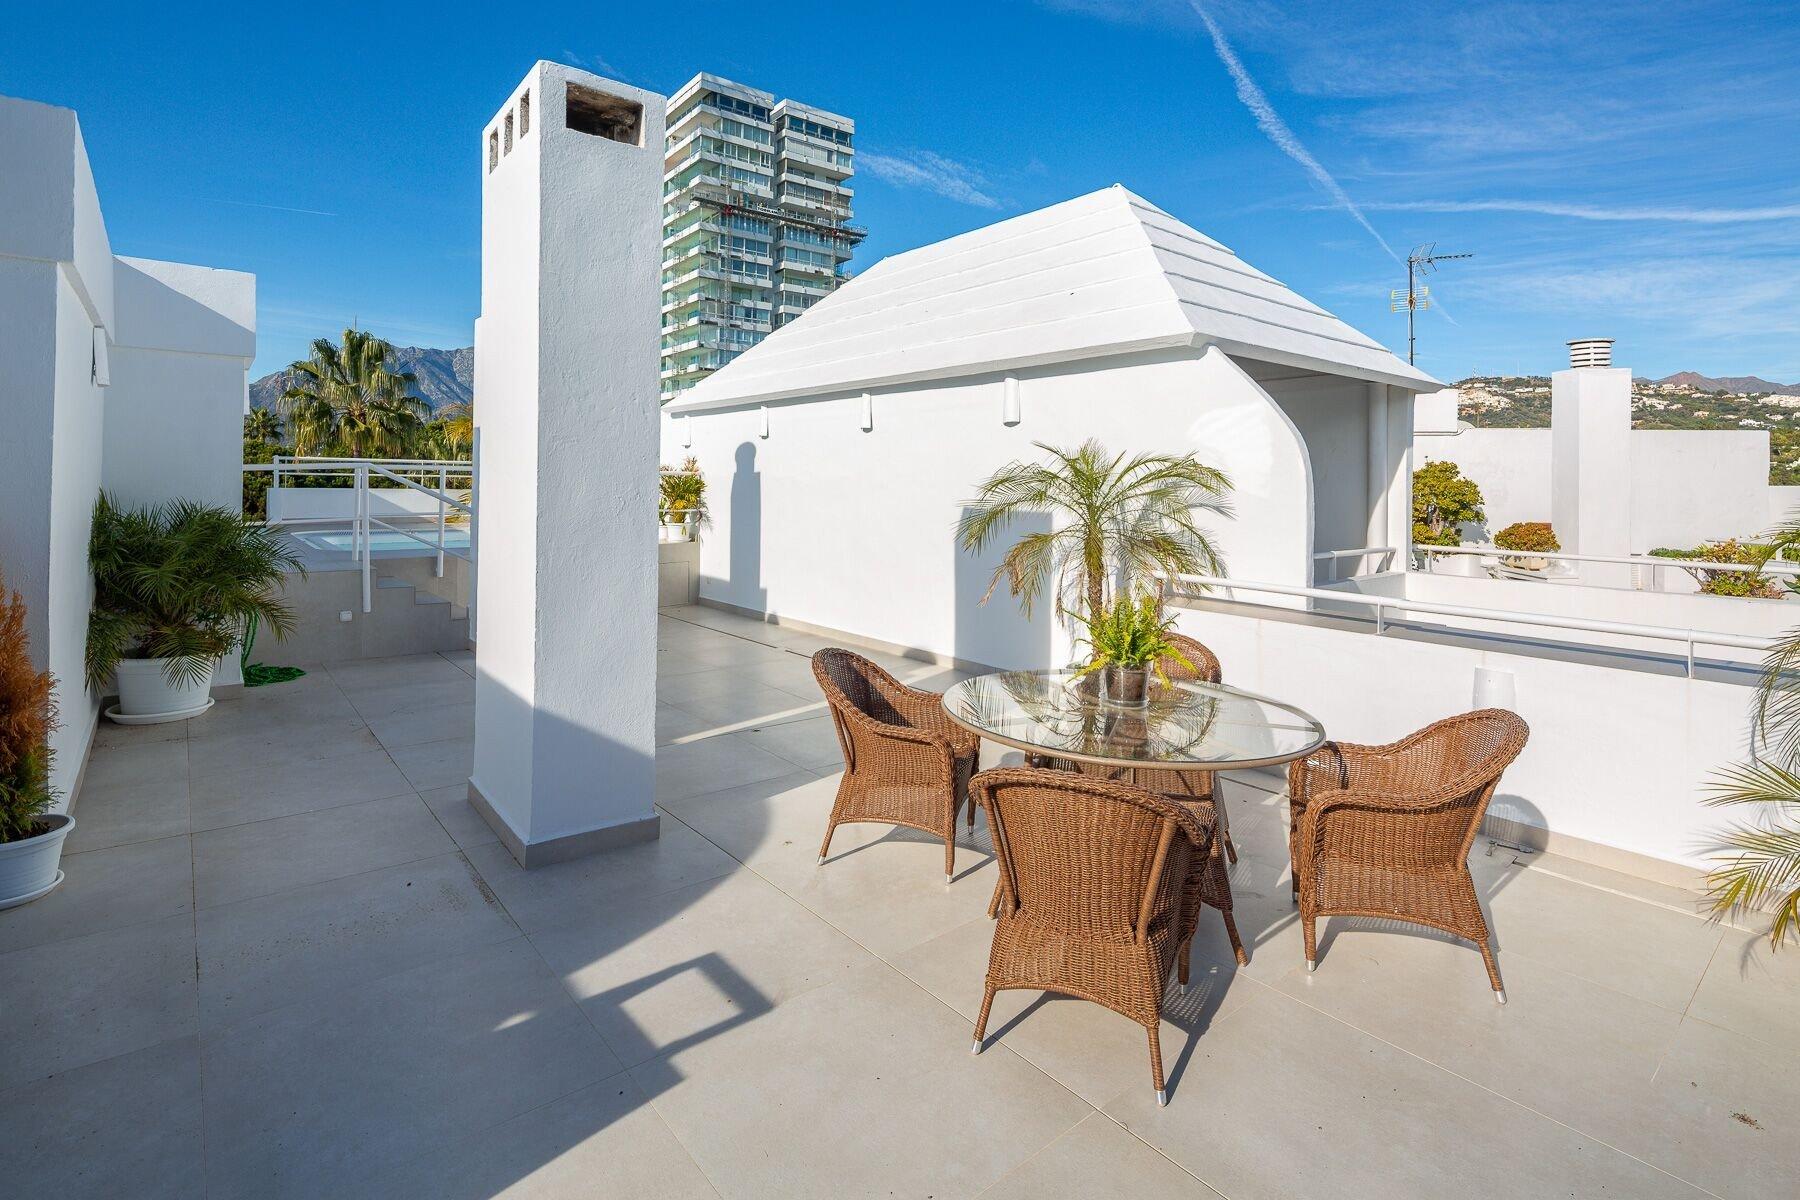 Apartment for sale in Marbella, Monte del Golf